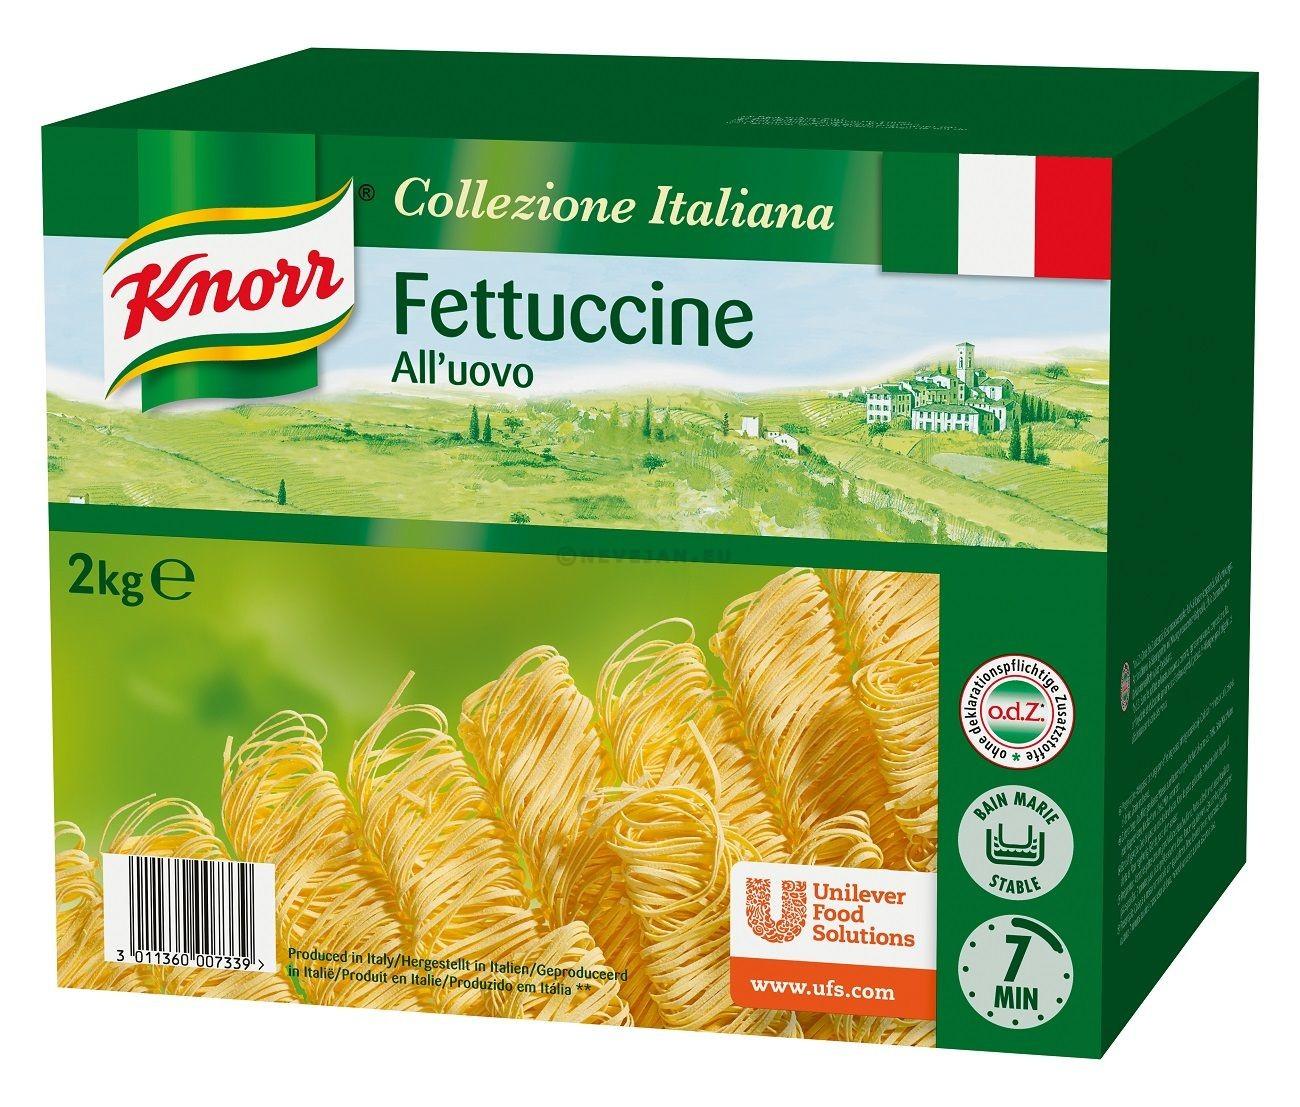 Knorr Fettuccini All'Uovo 2kg Collezione Italiana